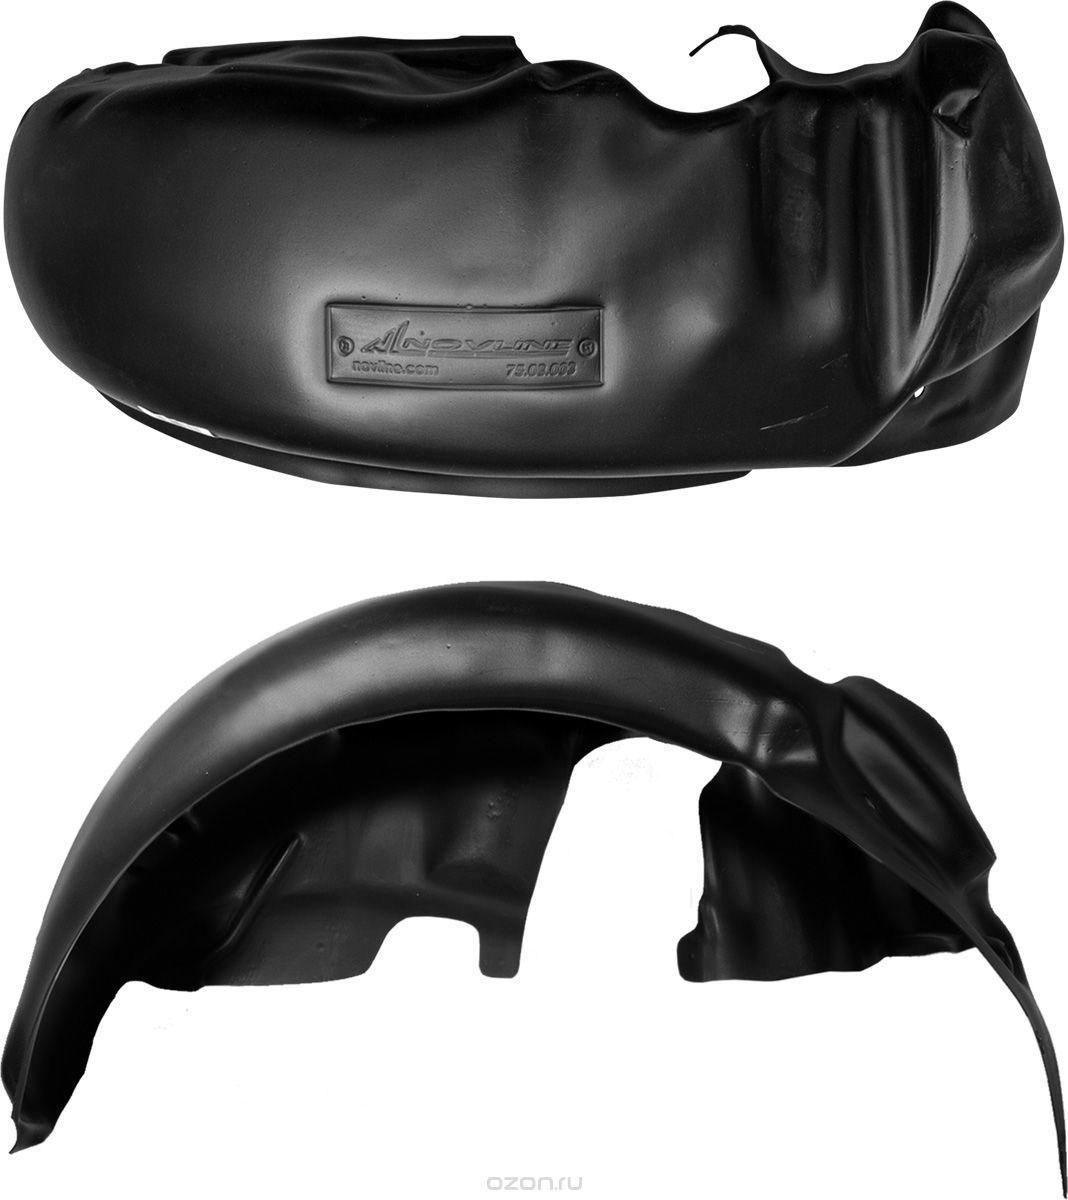 Подкрылок Novline-Autofamily, для CHEVROLET Lacetti 2004-2013, хб., сед., задний правыйVCA-00Идеальная защита колесной ниши. Локеры разработаны с применением цифровых технологий, гарантируют максимальную повторяемость поверхности арки. Изделия устанавливаются без нарушения лакокрасочного покрытия автомобиля, каждый подкрылок комплектуется крепежом. Уважаемые клиенты, обращаем ваше внимание, что фотографии на подкрылки универсальные и не отражают реальную форму изделия. При этом само изделие идет точно под размер указанного автомобиля.